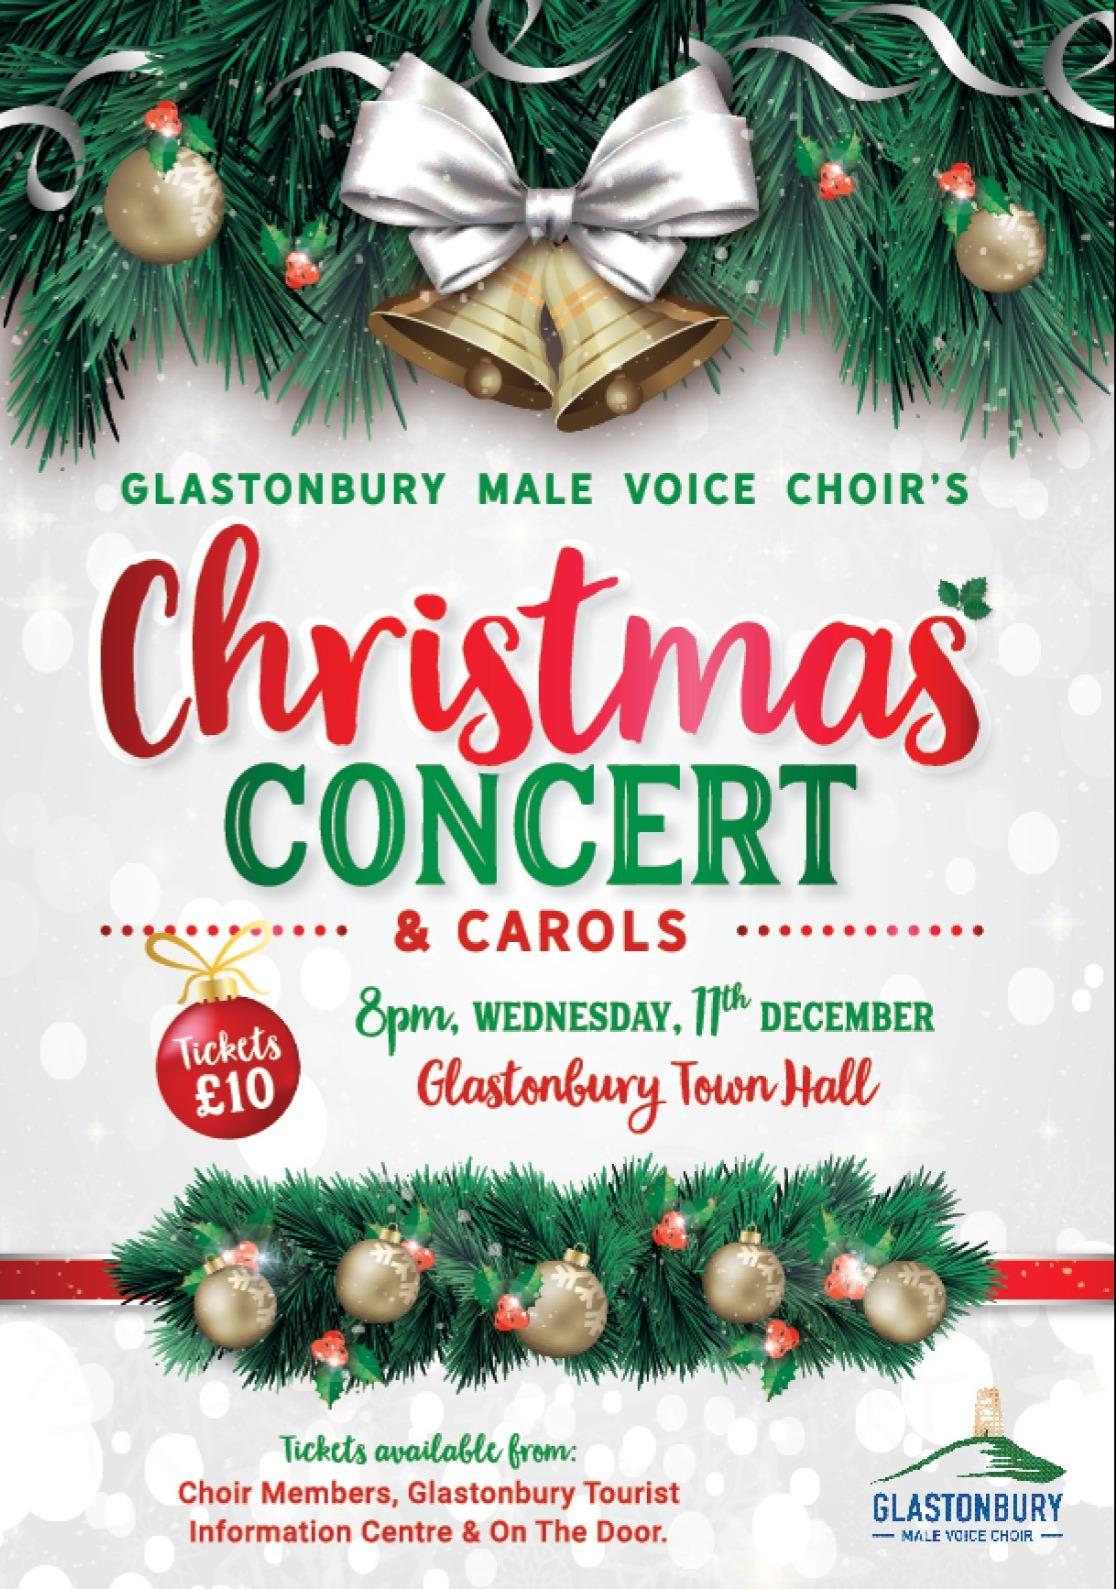 Christmas concert and carols